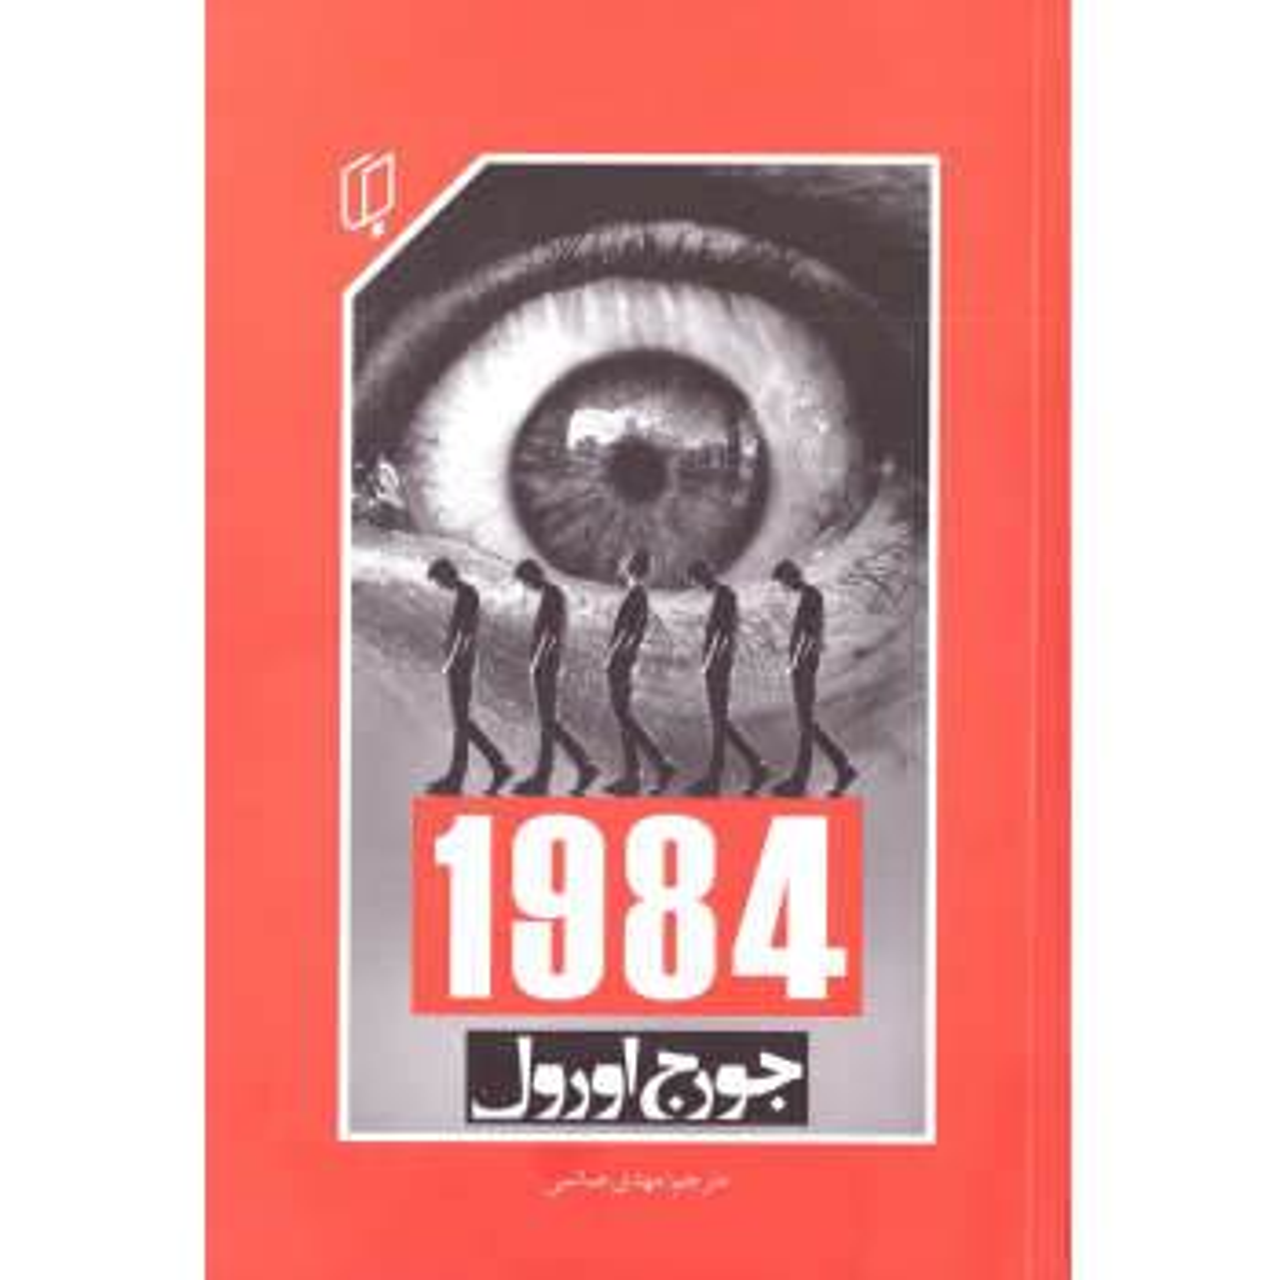 کتاب 1984 اثر جورج اورول انتشارات باران خرد